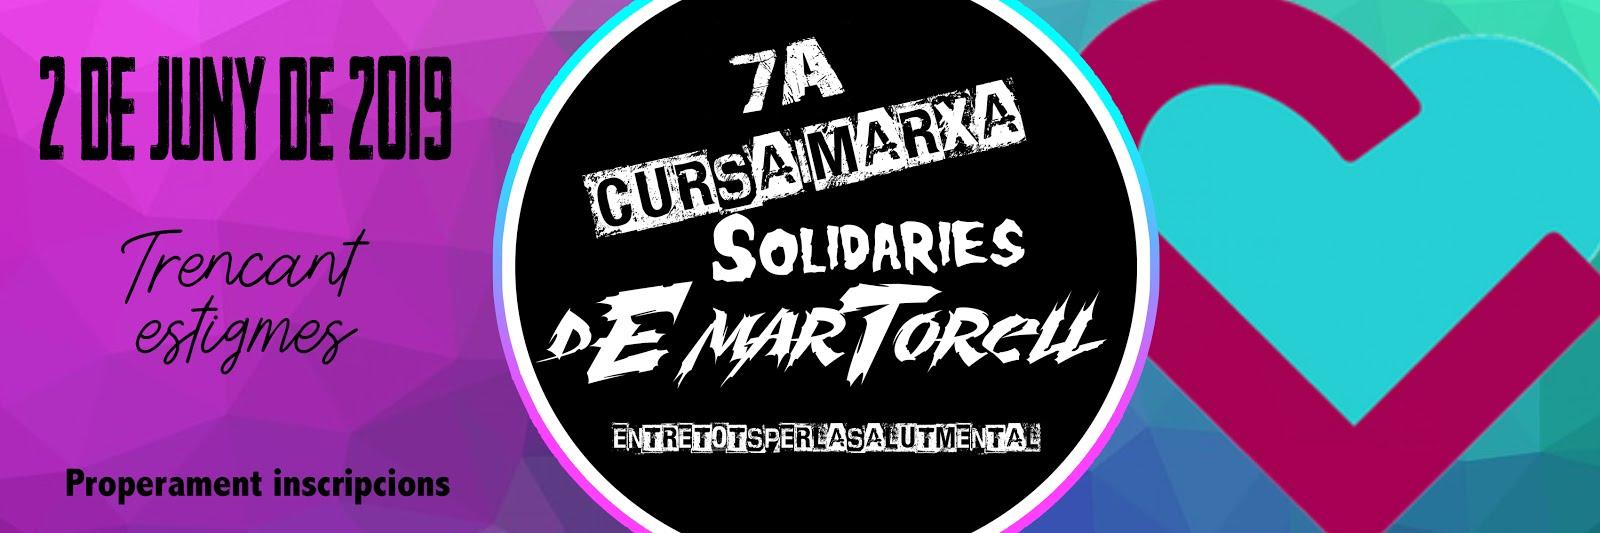 7ª CURSA I MARXA SOLIDÀRIES DE MARTORELL  07-06-2015